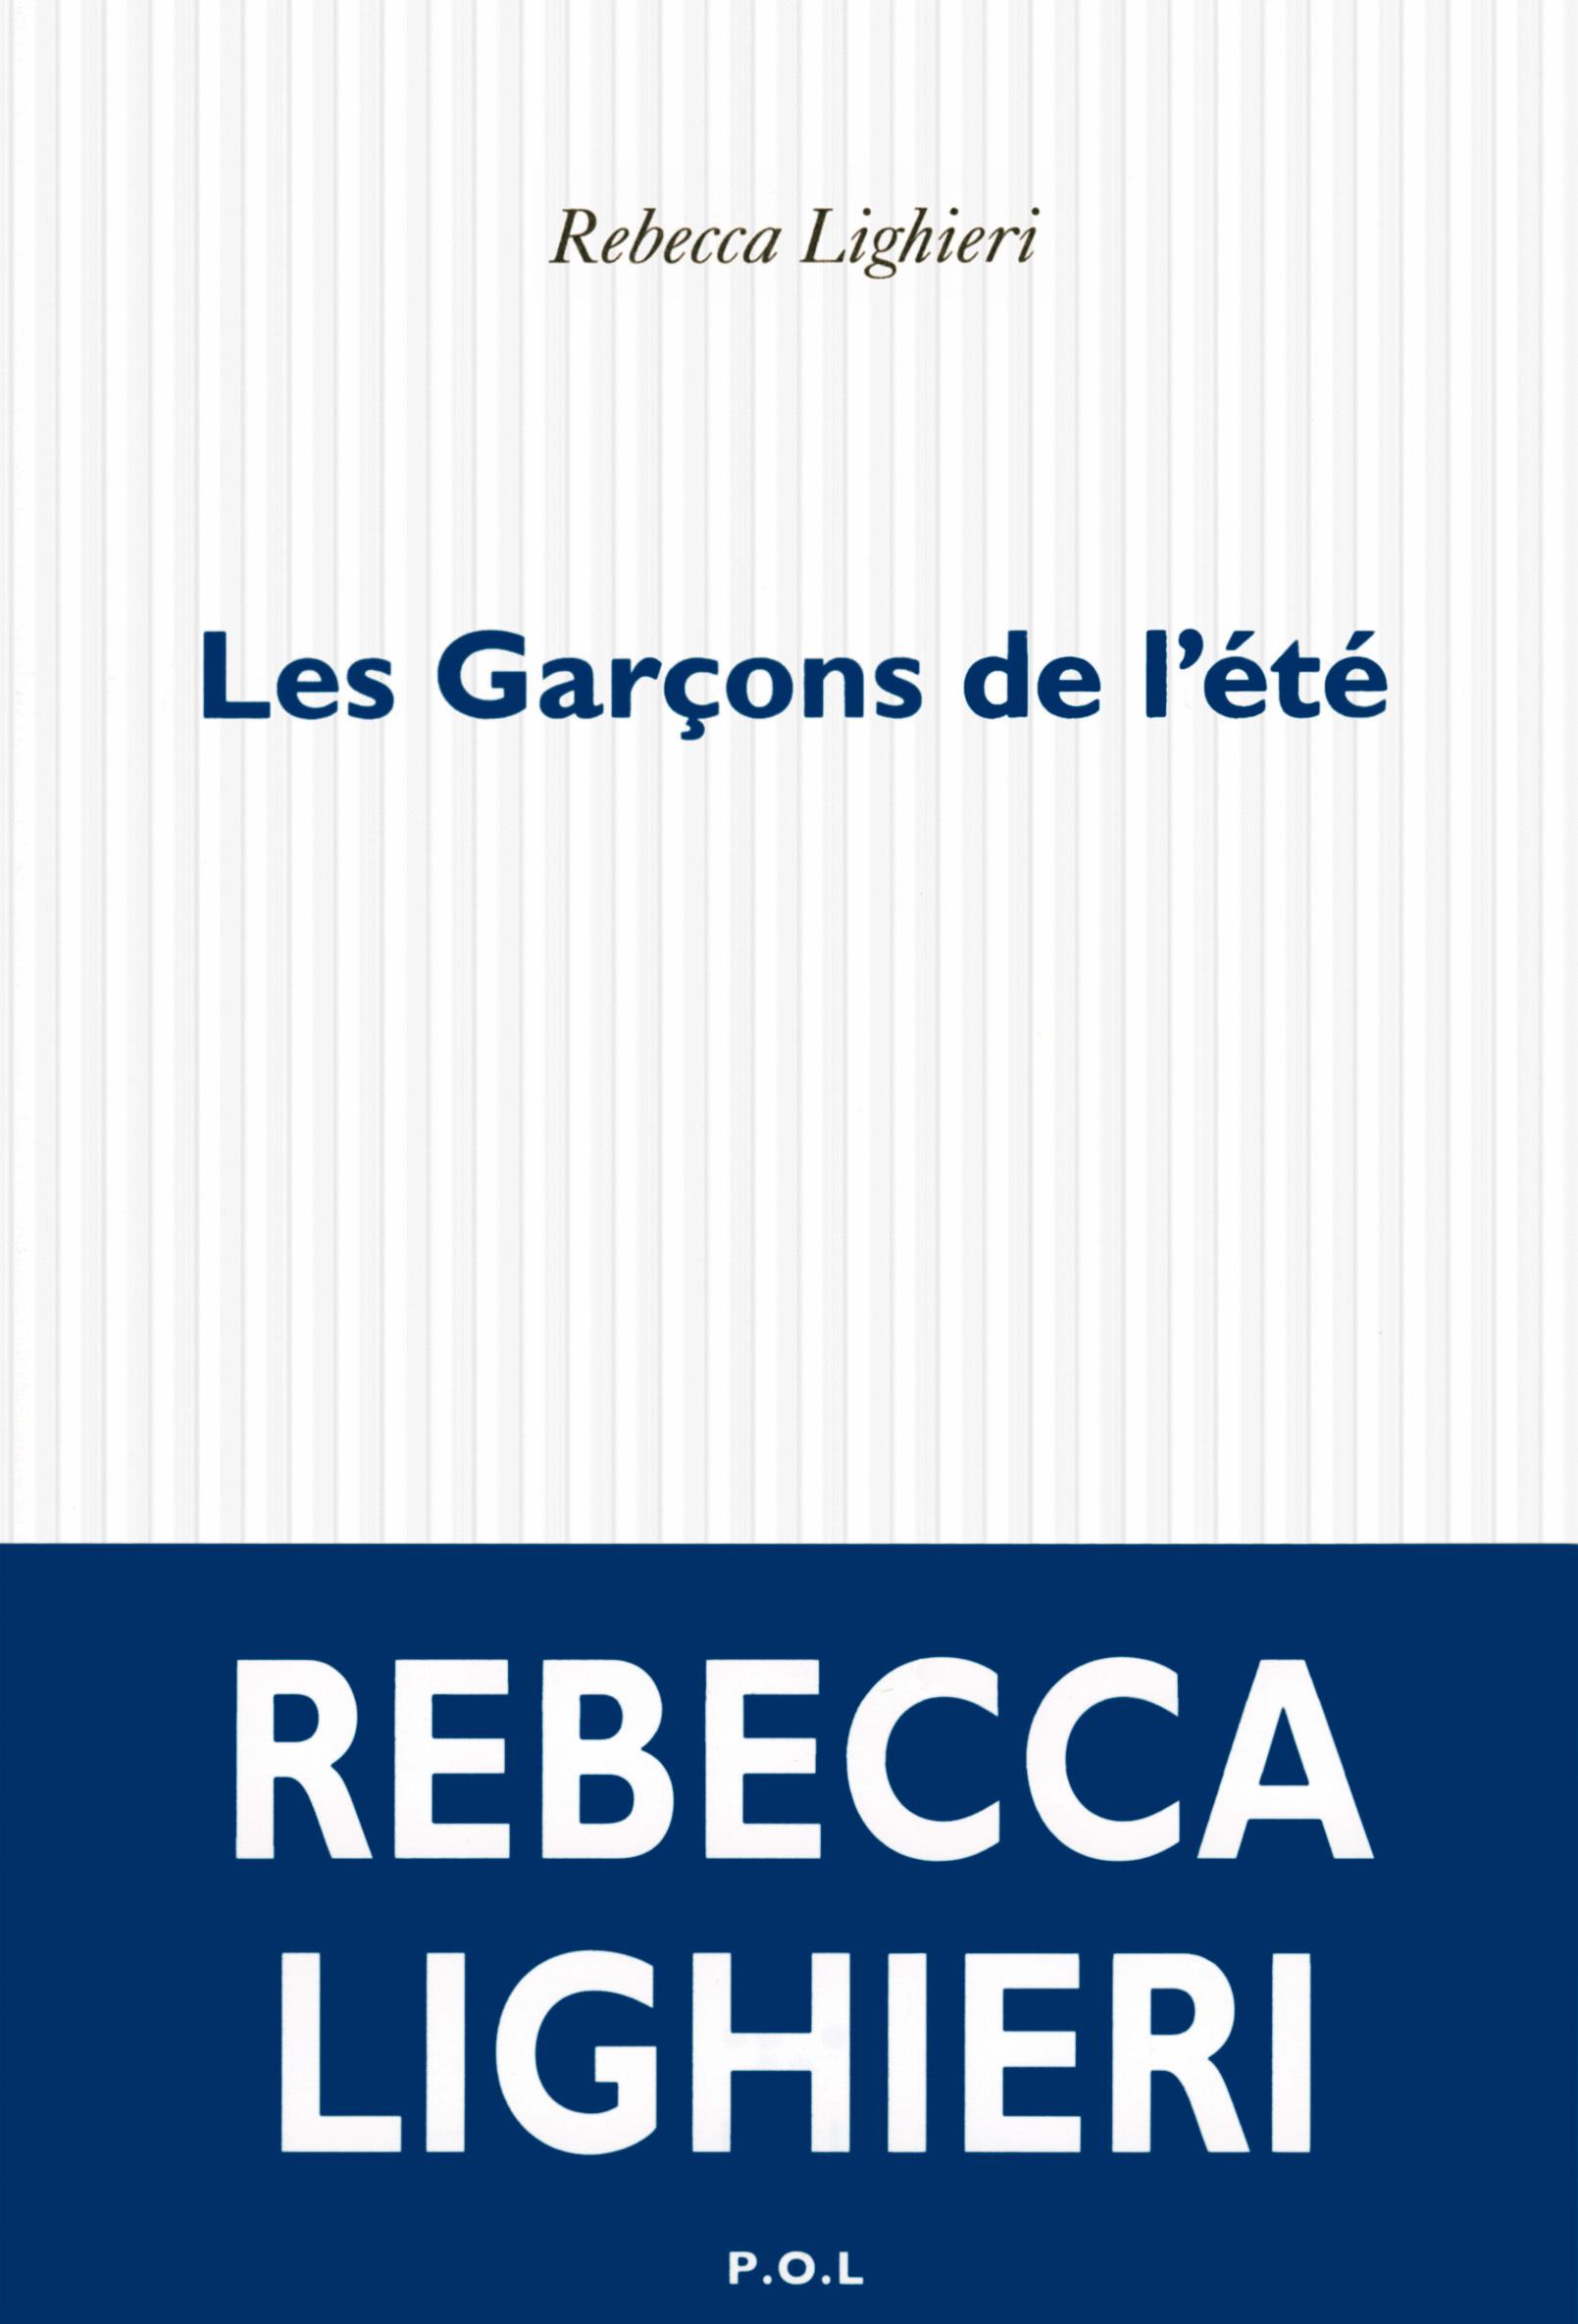 LES GARCONS DE L'ETE